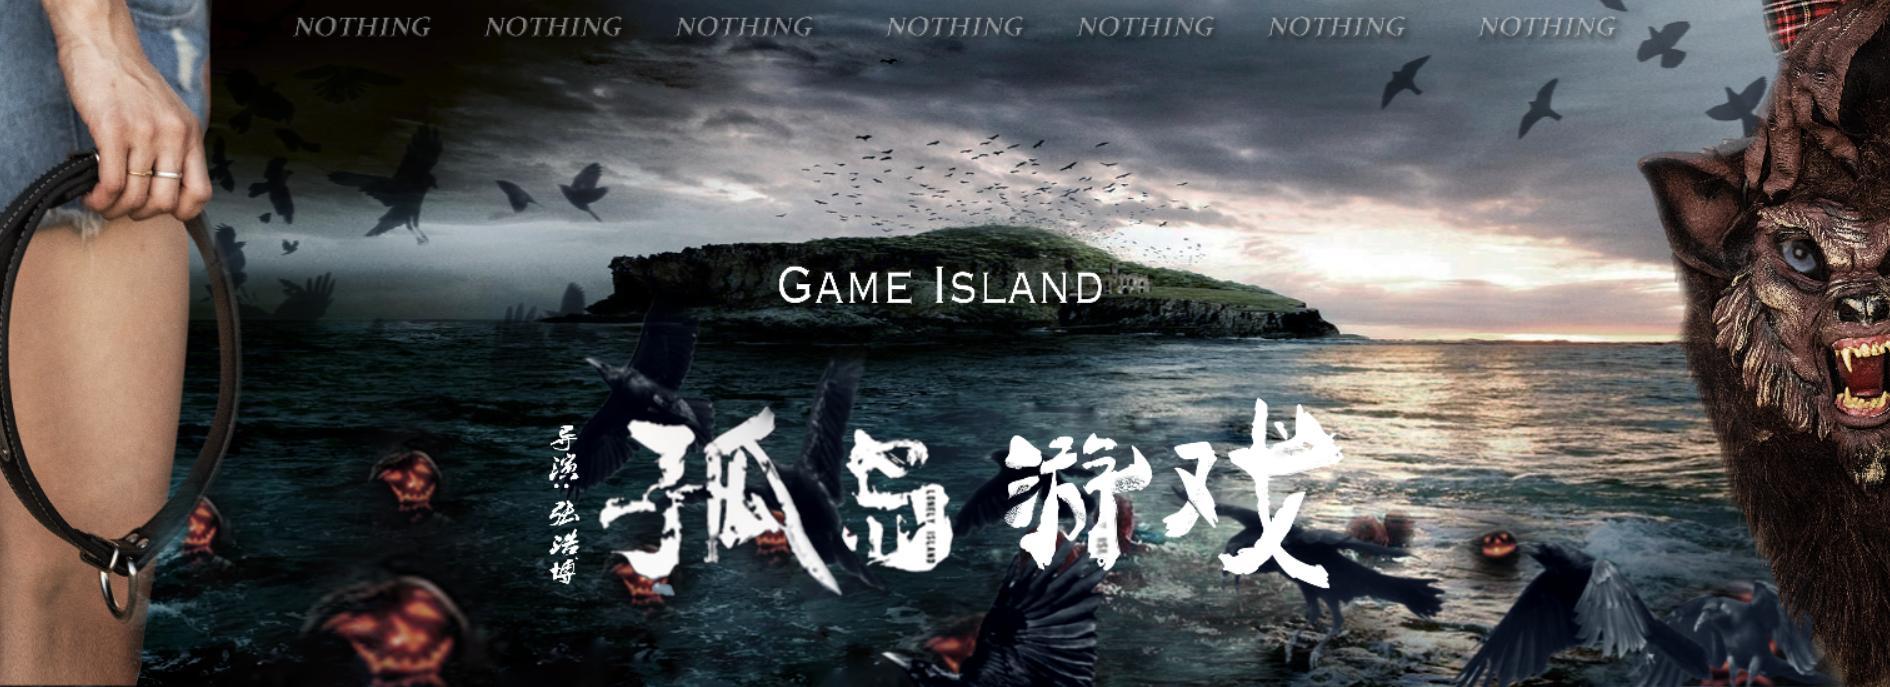 全部版本 最新版本     亚丽等人参加了一个荒岛生存的游戏,本来以为